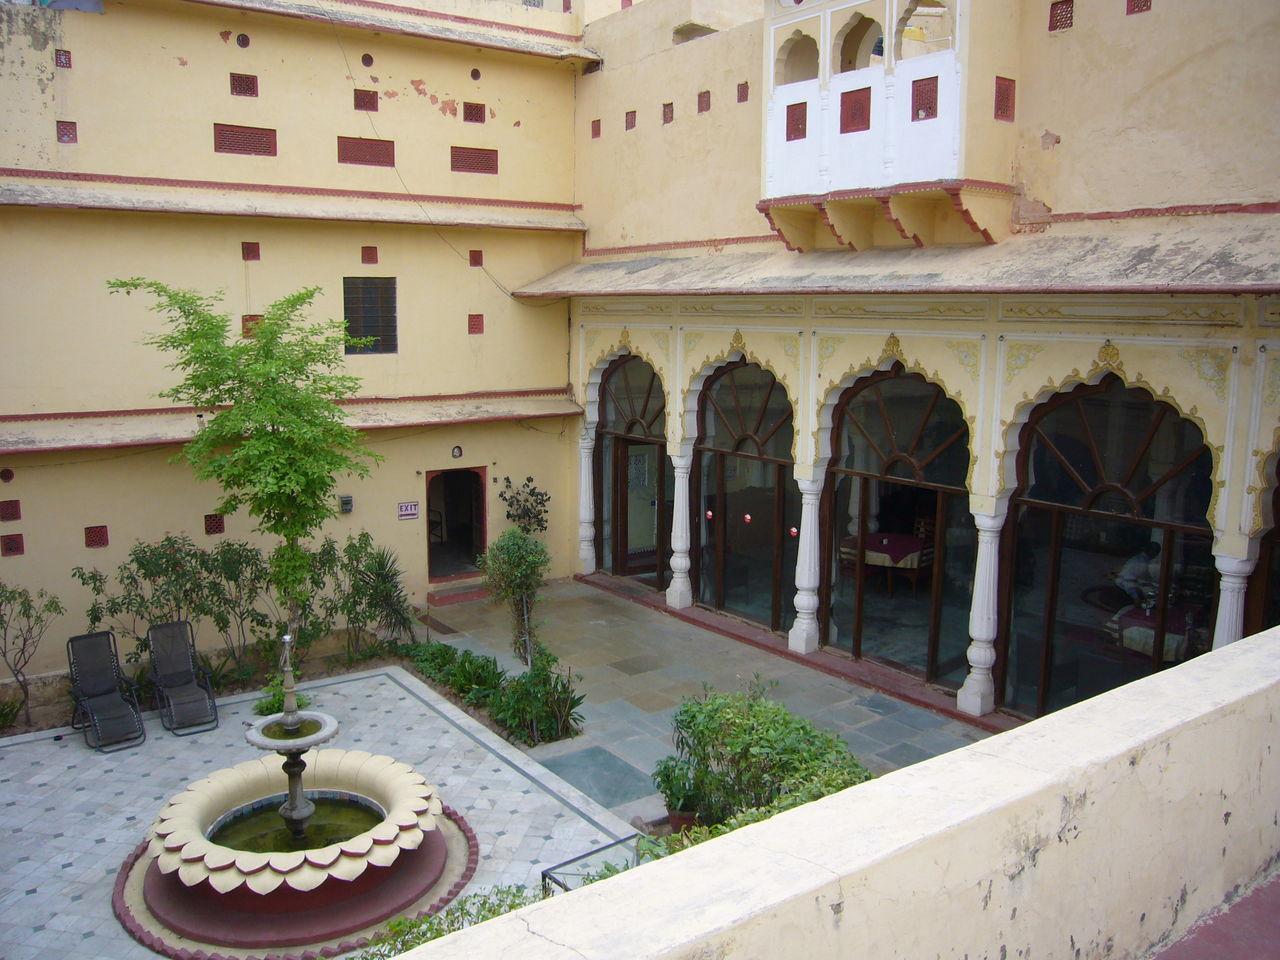 India_201705_4_Jaipur (17)